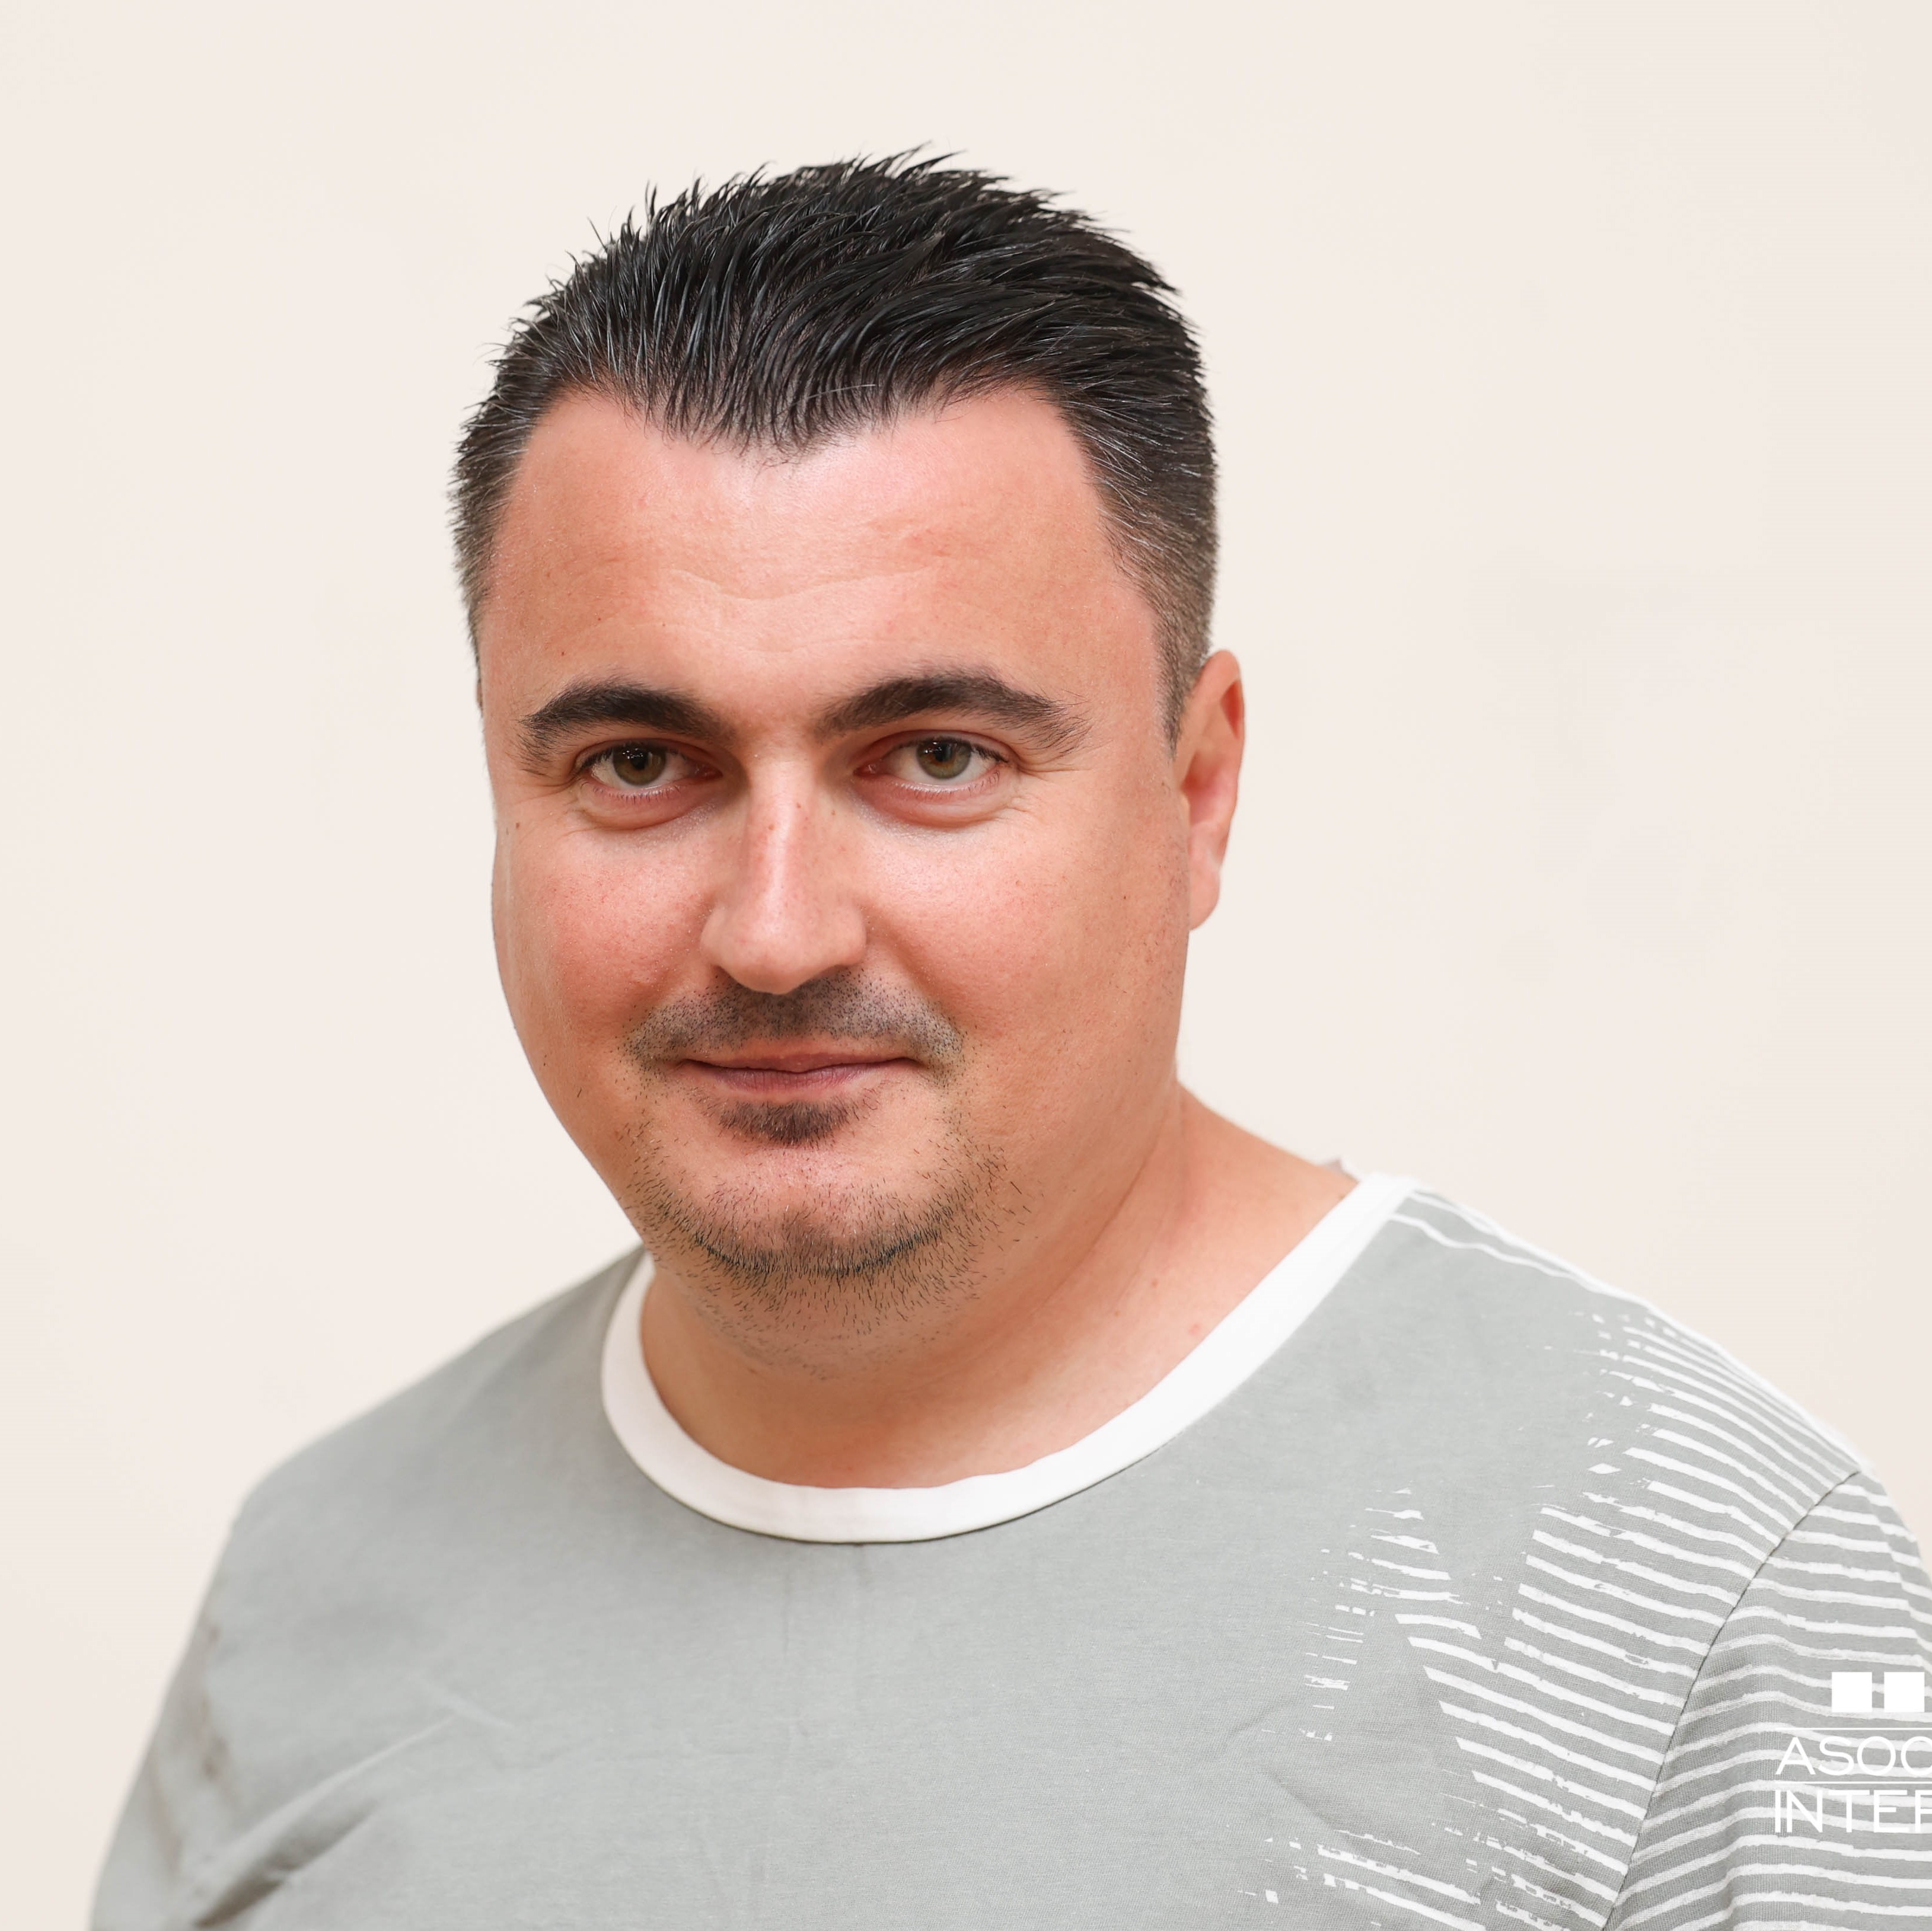 Andrei Macri